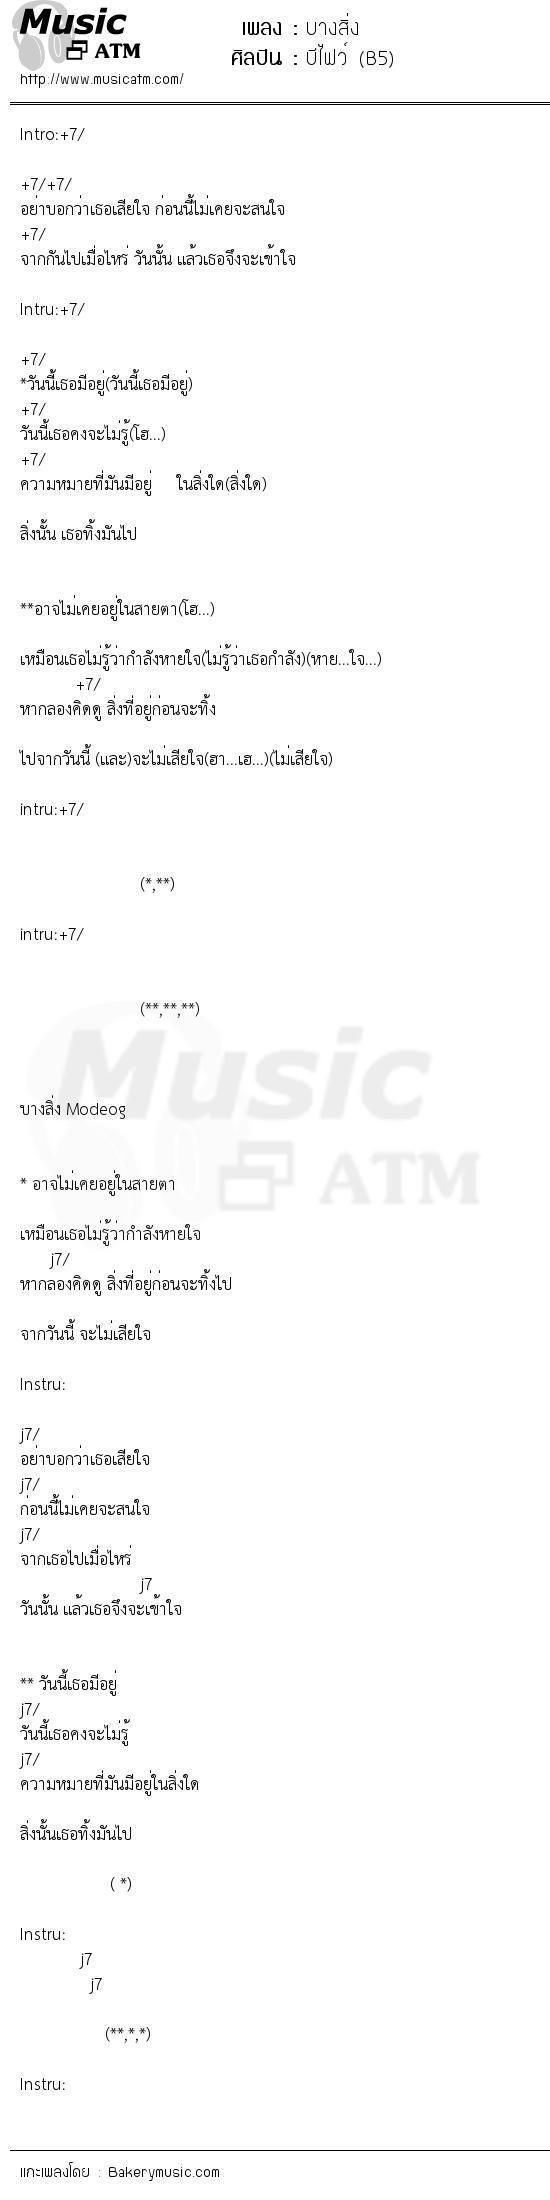 เนื้อเพลง บางสิ่ง - บีไฟว์ (B5) | เพลงไทย